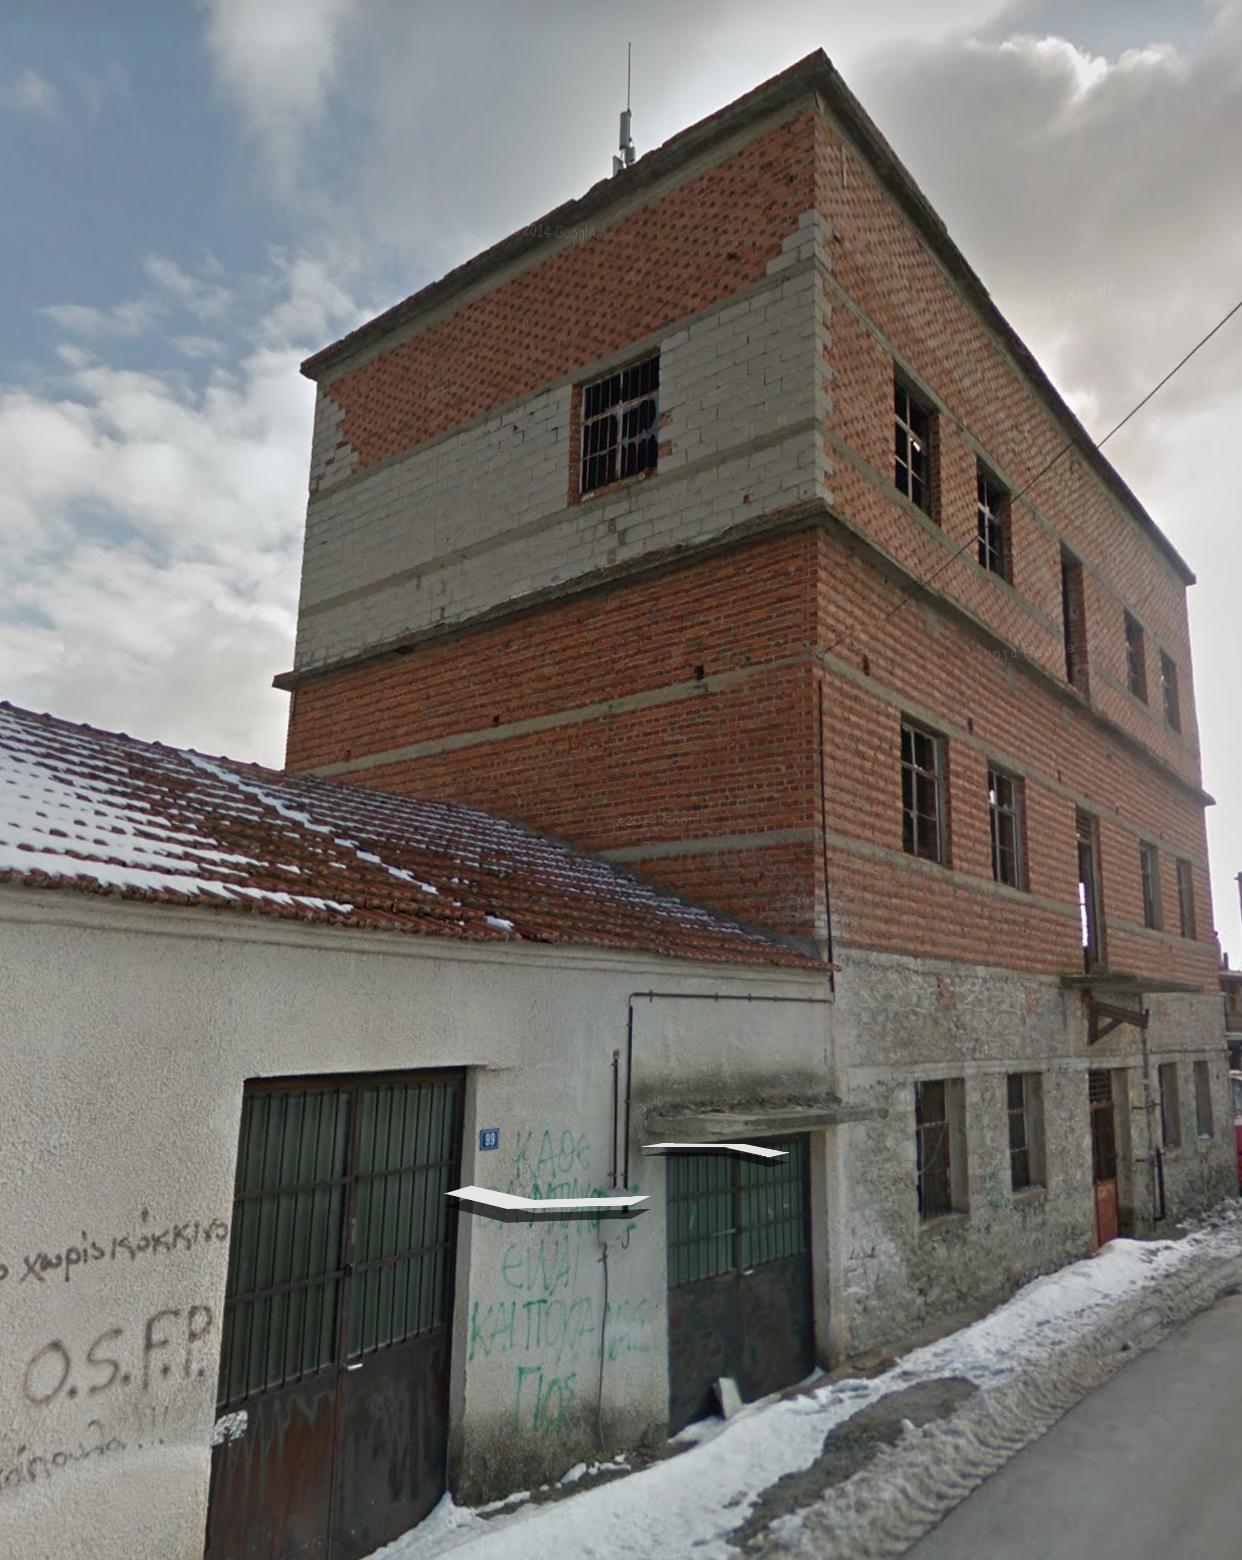 Πρόταση για την επαναχρήση του κτιρίου του Μύλου Δεσκάτης